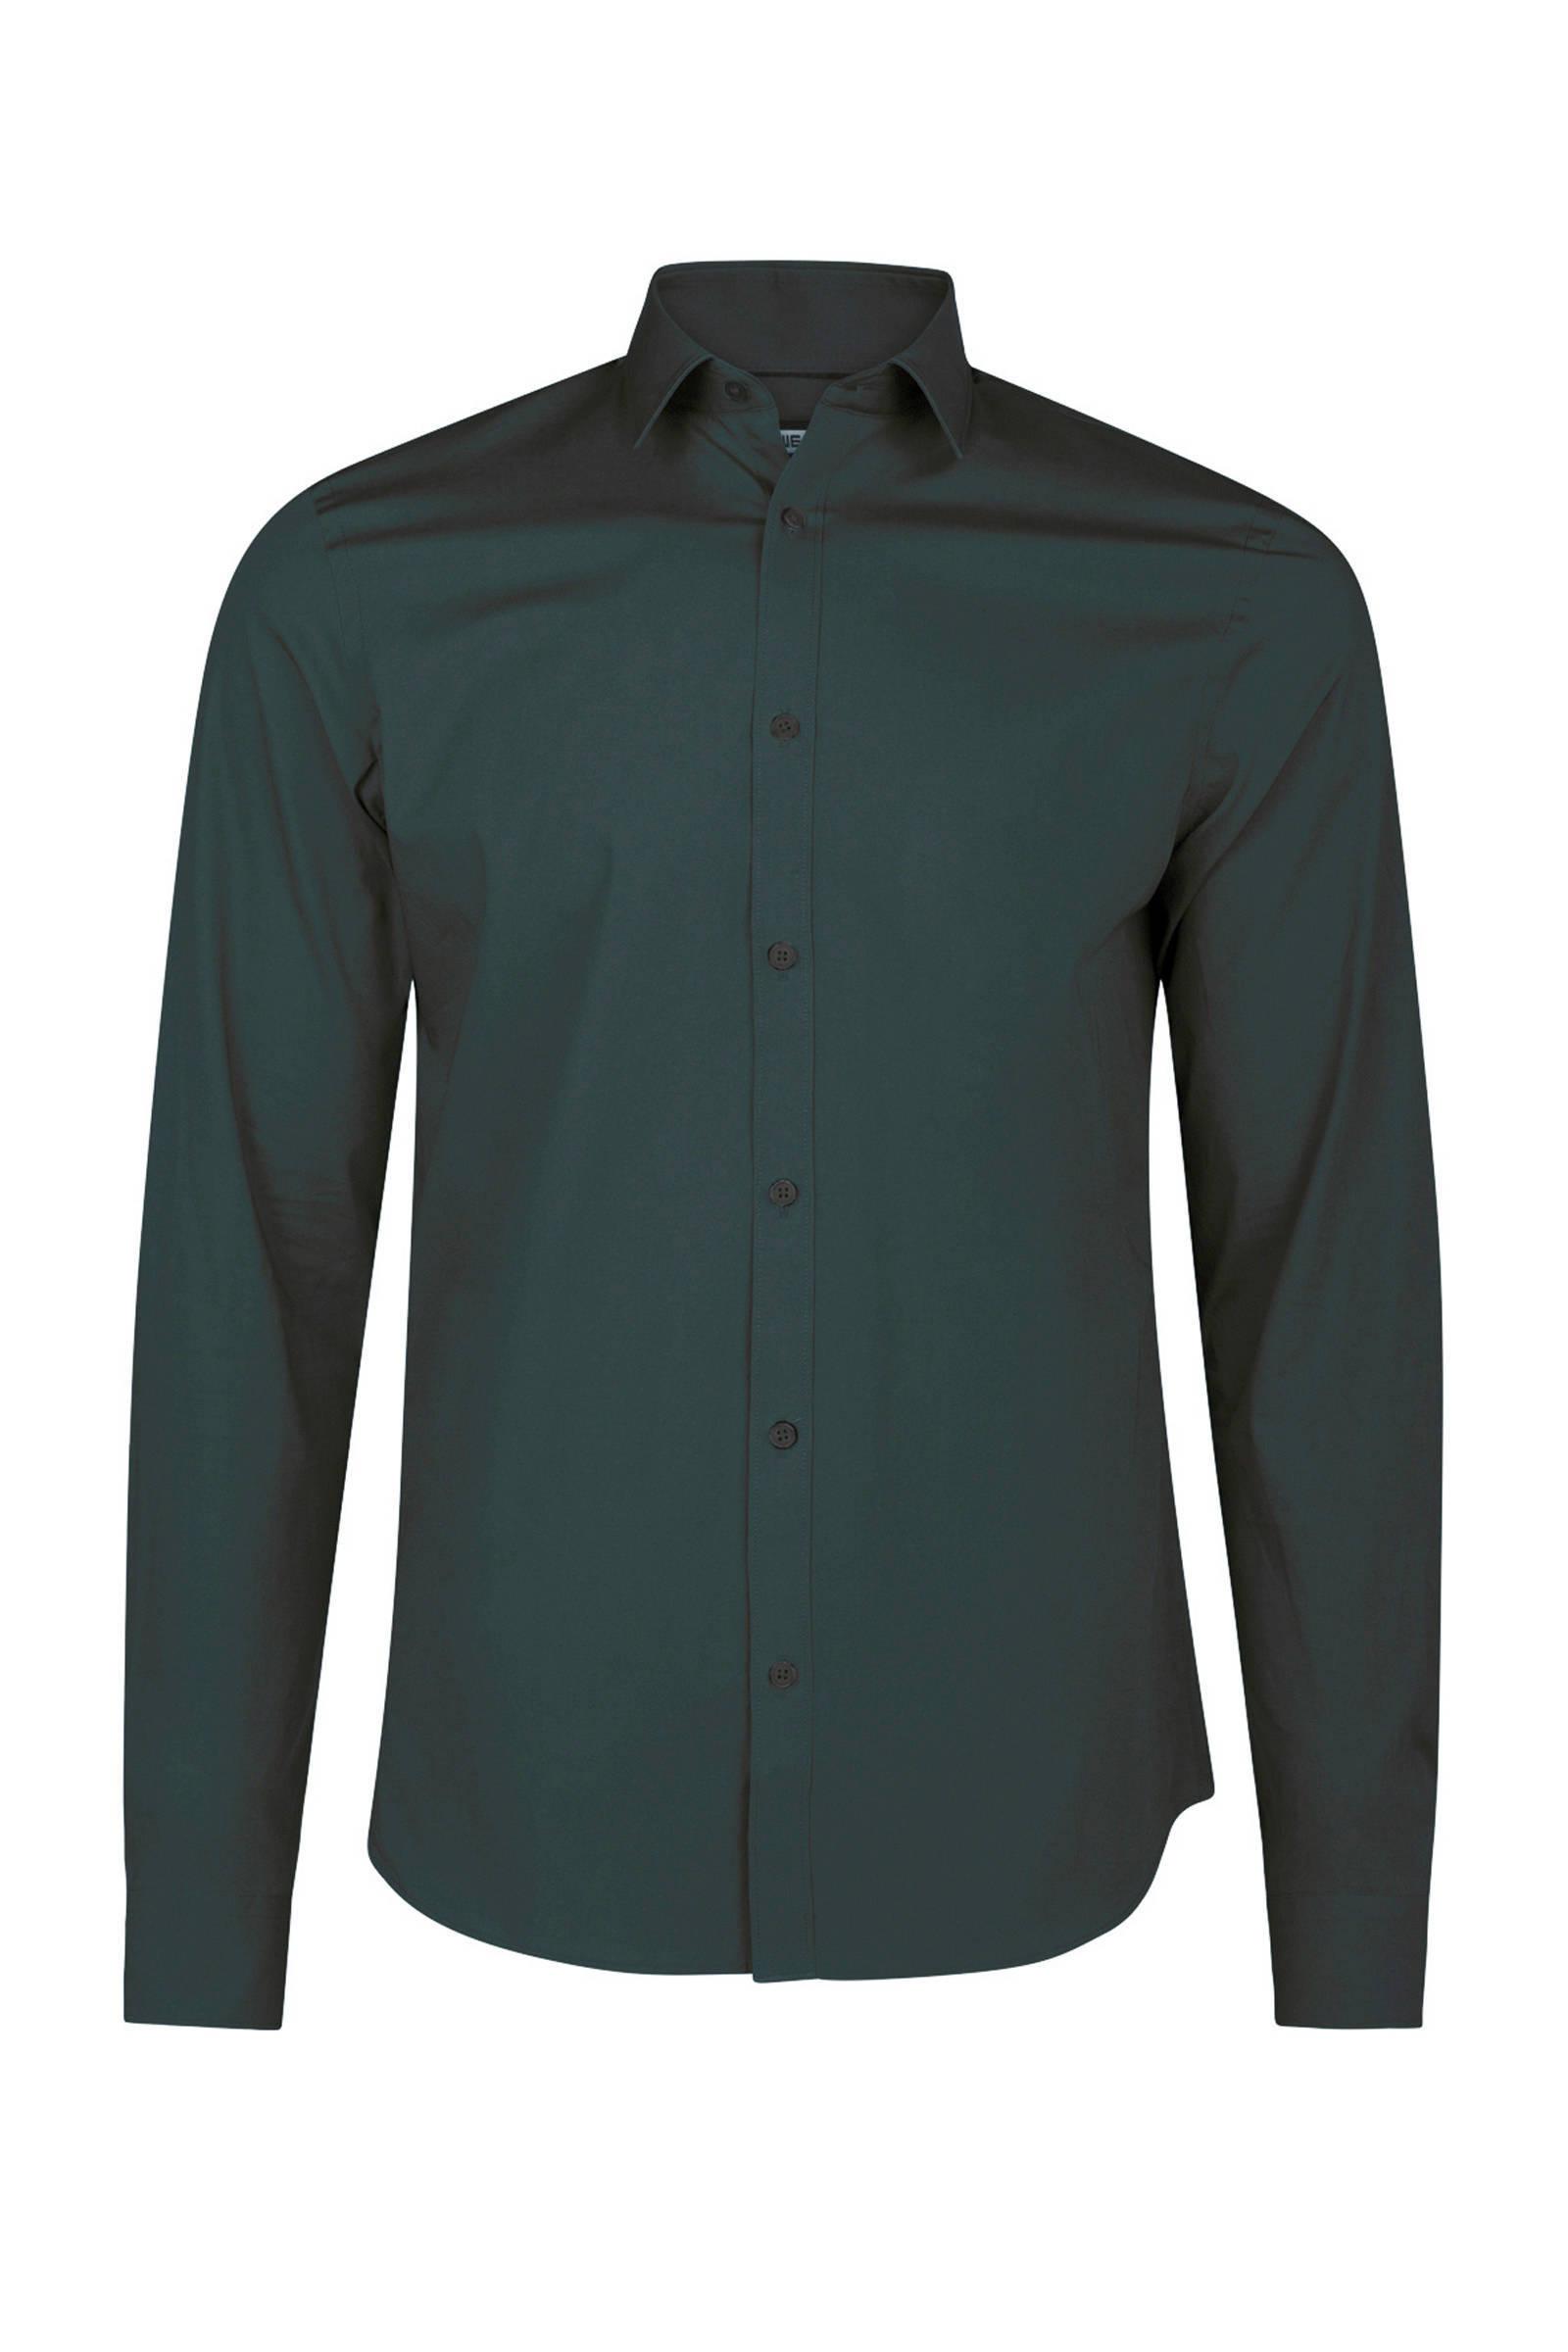 Donkergroen Overhemd.We Fashion Slim Fit Overhemd Donkergroen Wehkamp